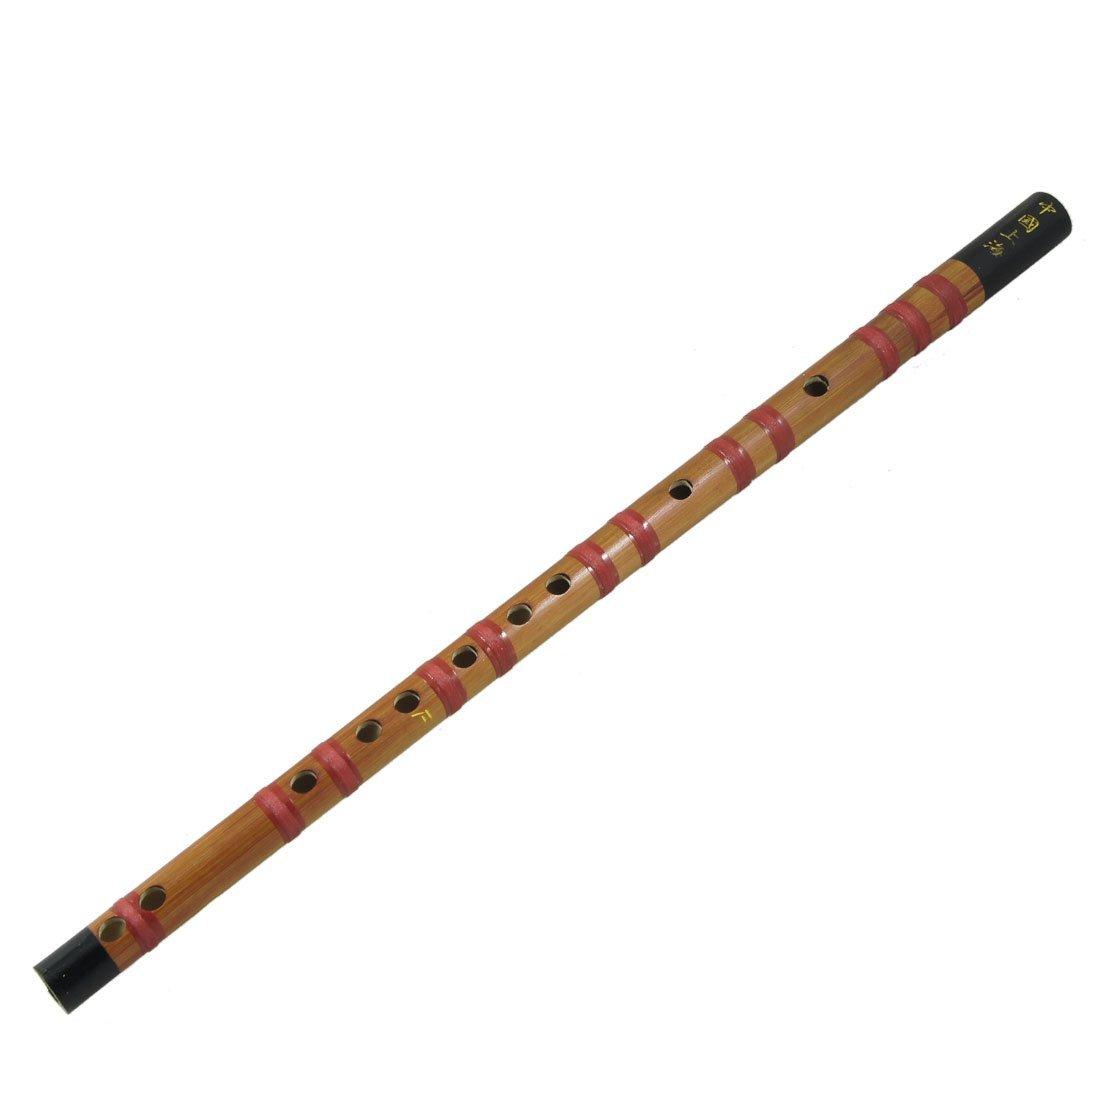 Флейта 2015 , 18,5 F Dizi флейта chinese bamboo flute dizi dizi bambu flauta c d e f g chinese bambu flauta dizi